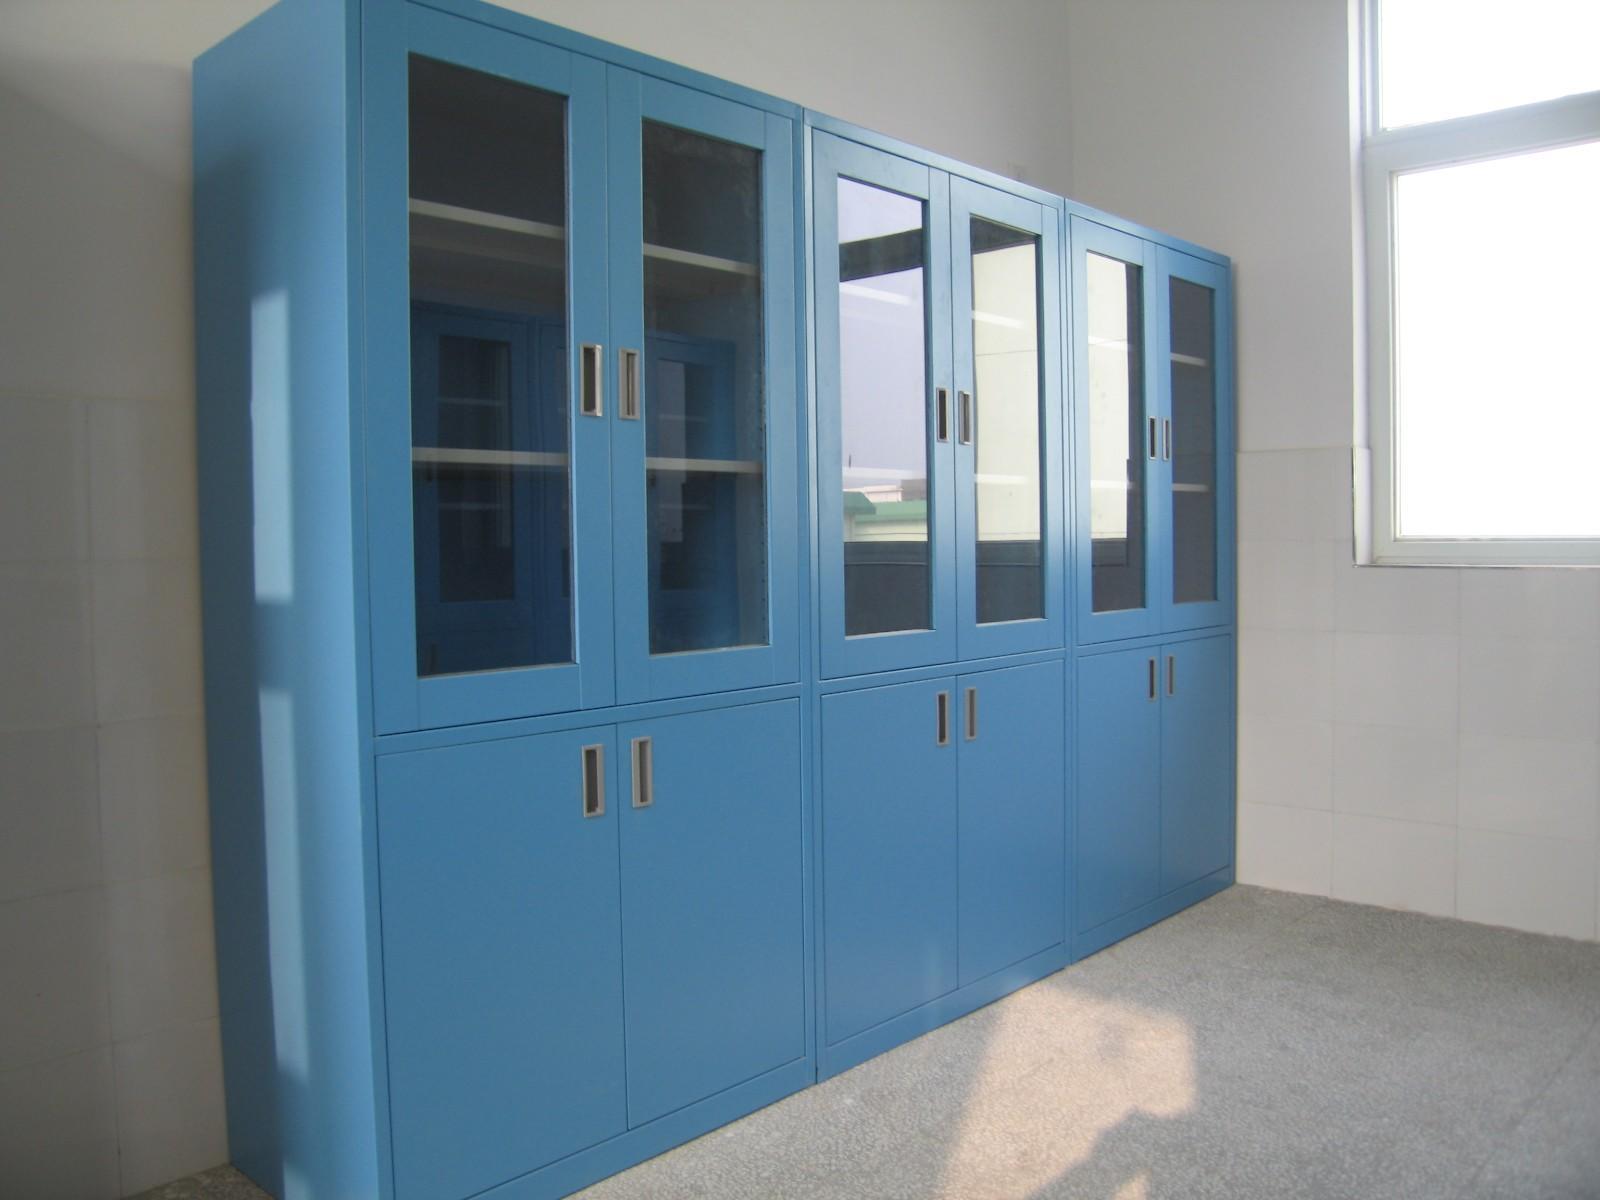 Storage Cabinet lab shelves safety vessel